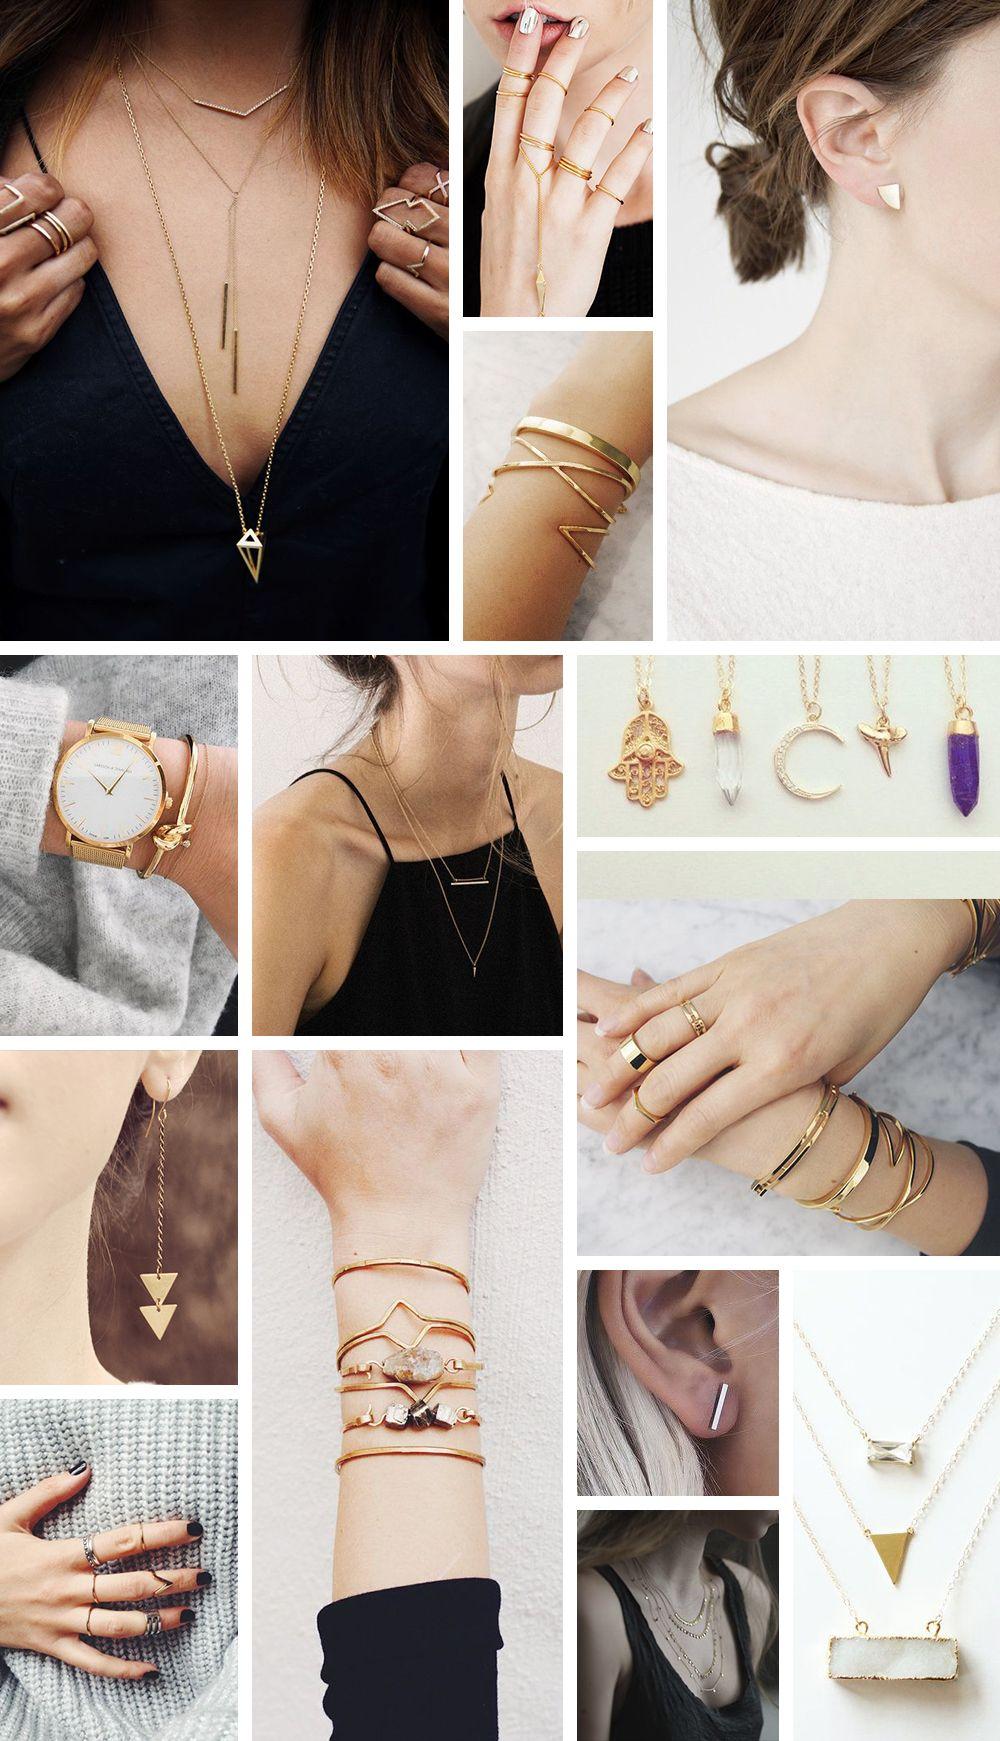 d6b11d3f5 #fashion #trend #minimal #jewelry #tendencia #acessorios #minimalistas  #trendalert